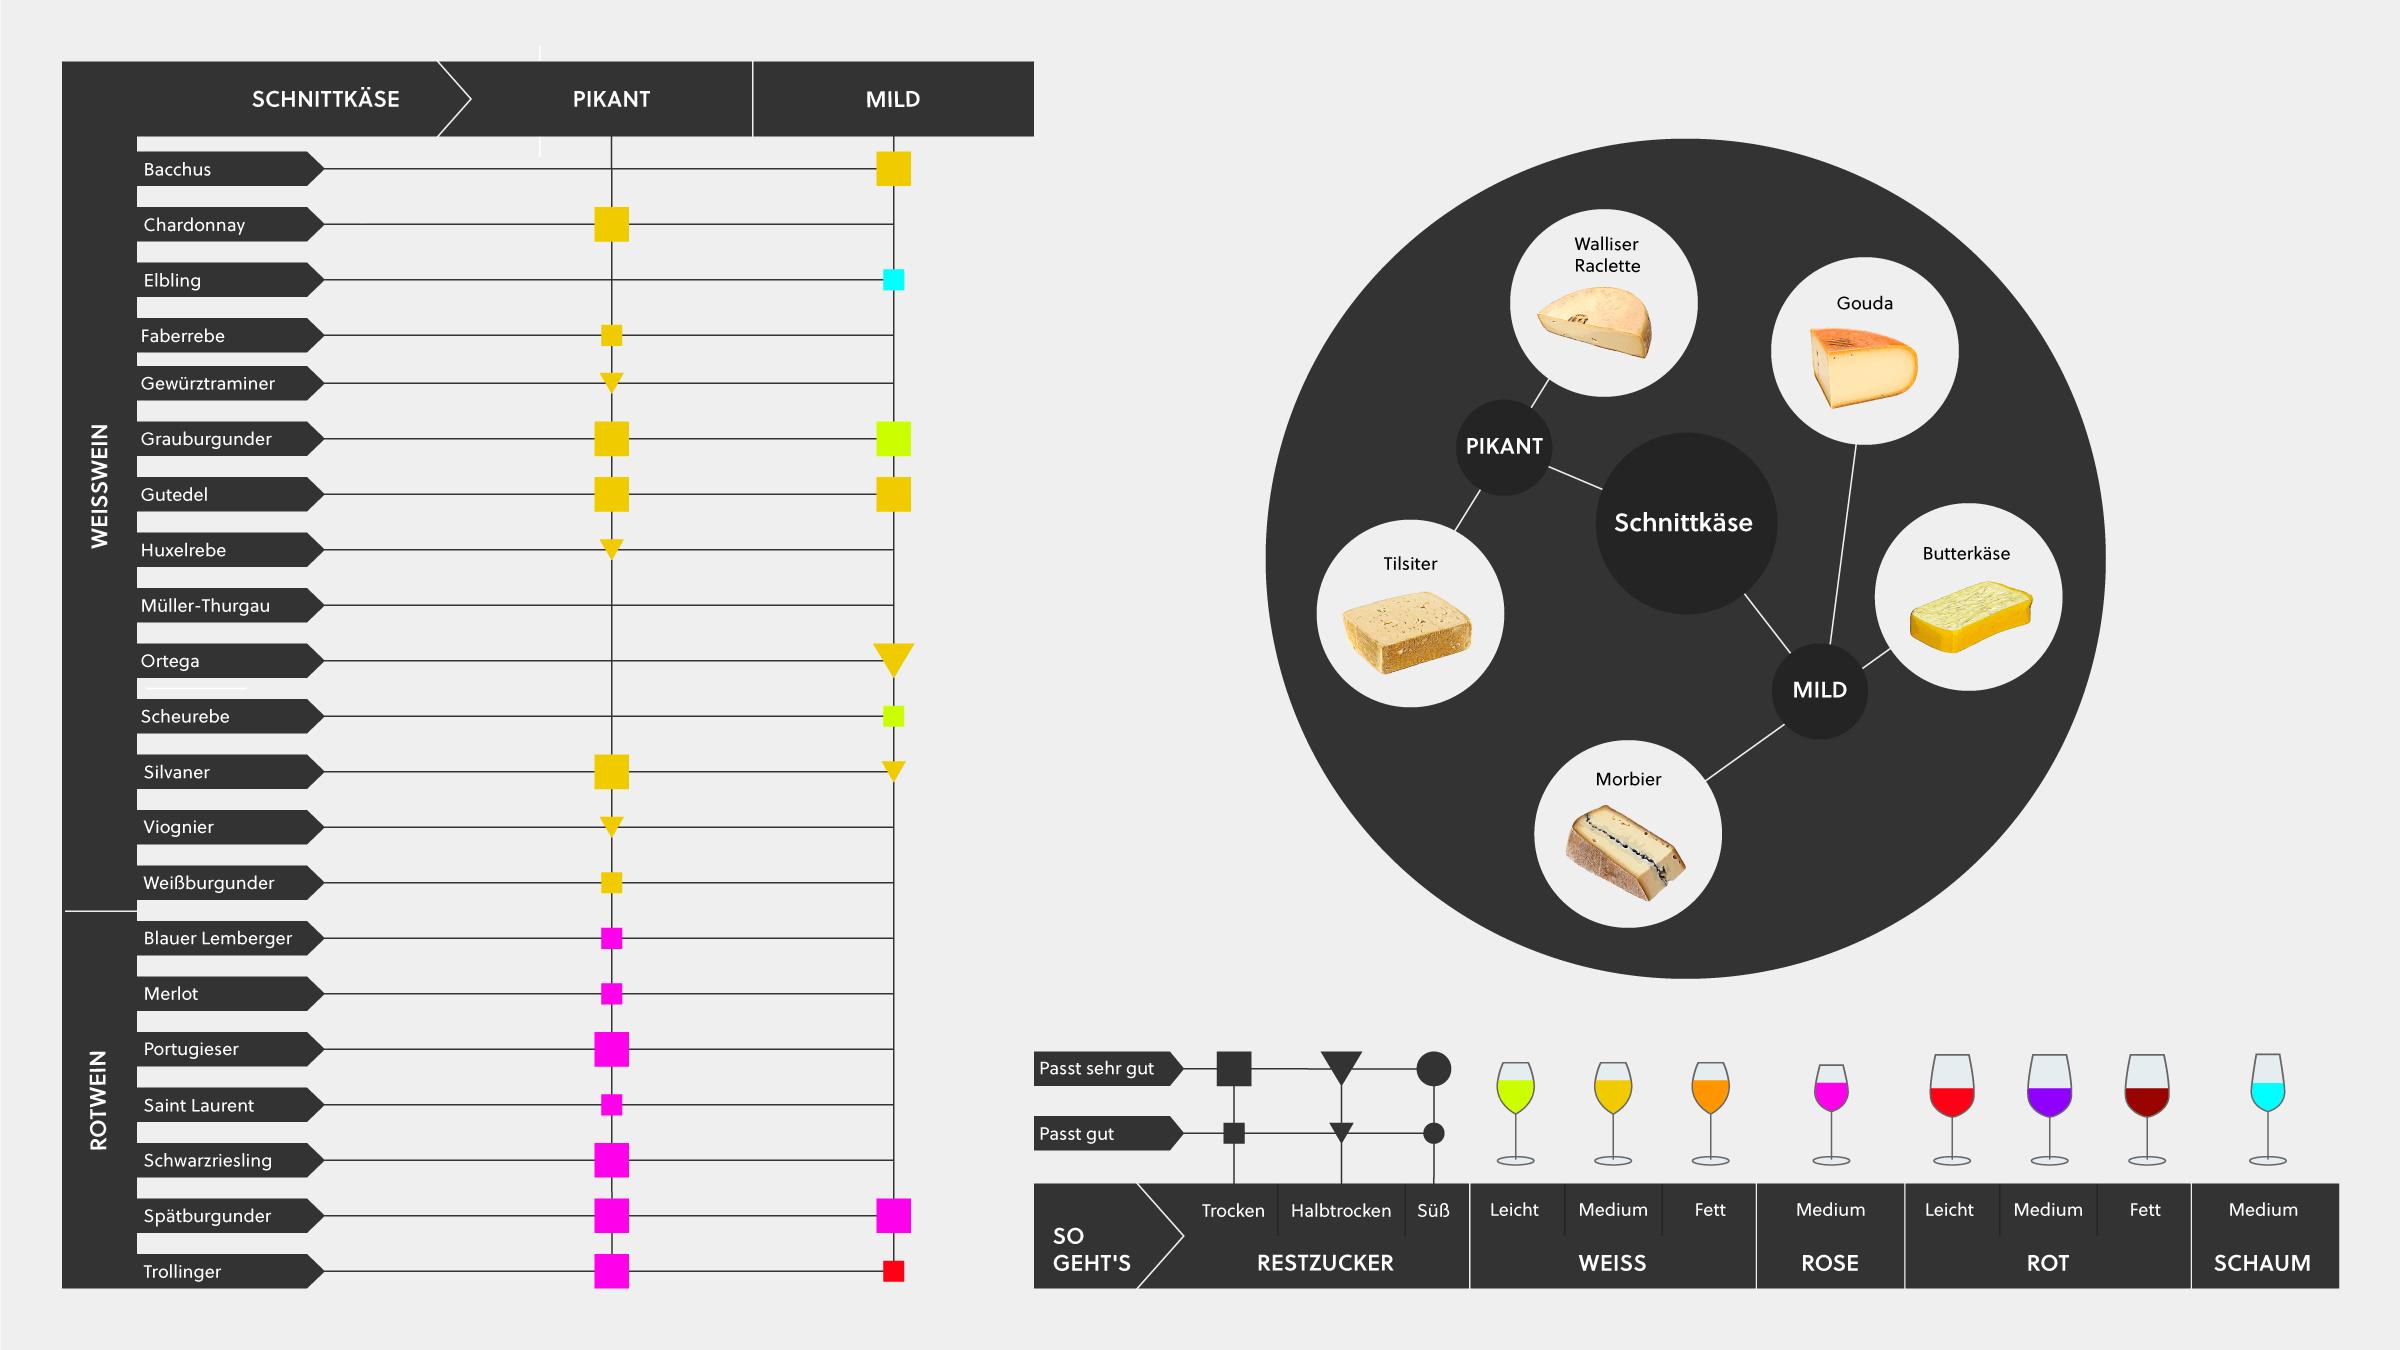 Wein und Käse Infografik mit Tipps, deutschen Wein mit verschiedenen Schnittkäsen zu kombinieren.